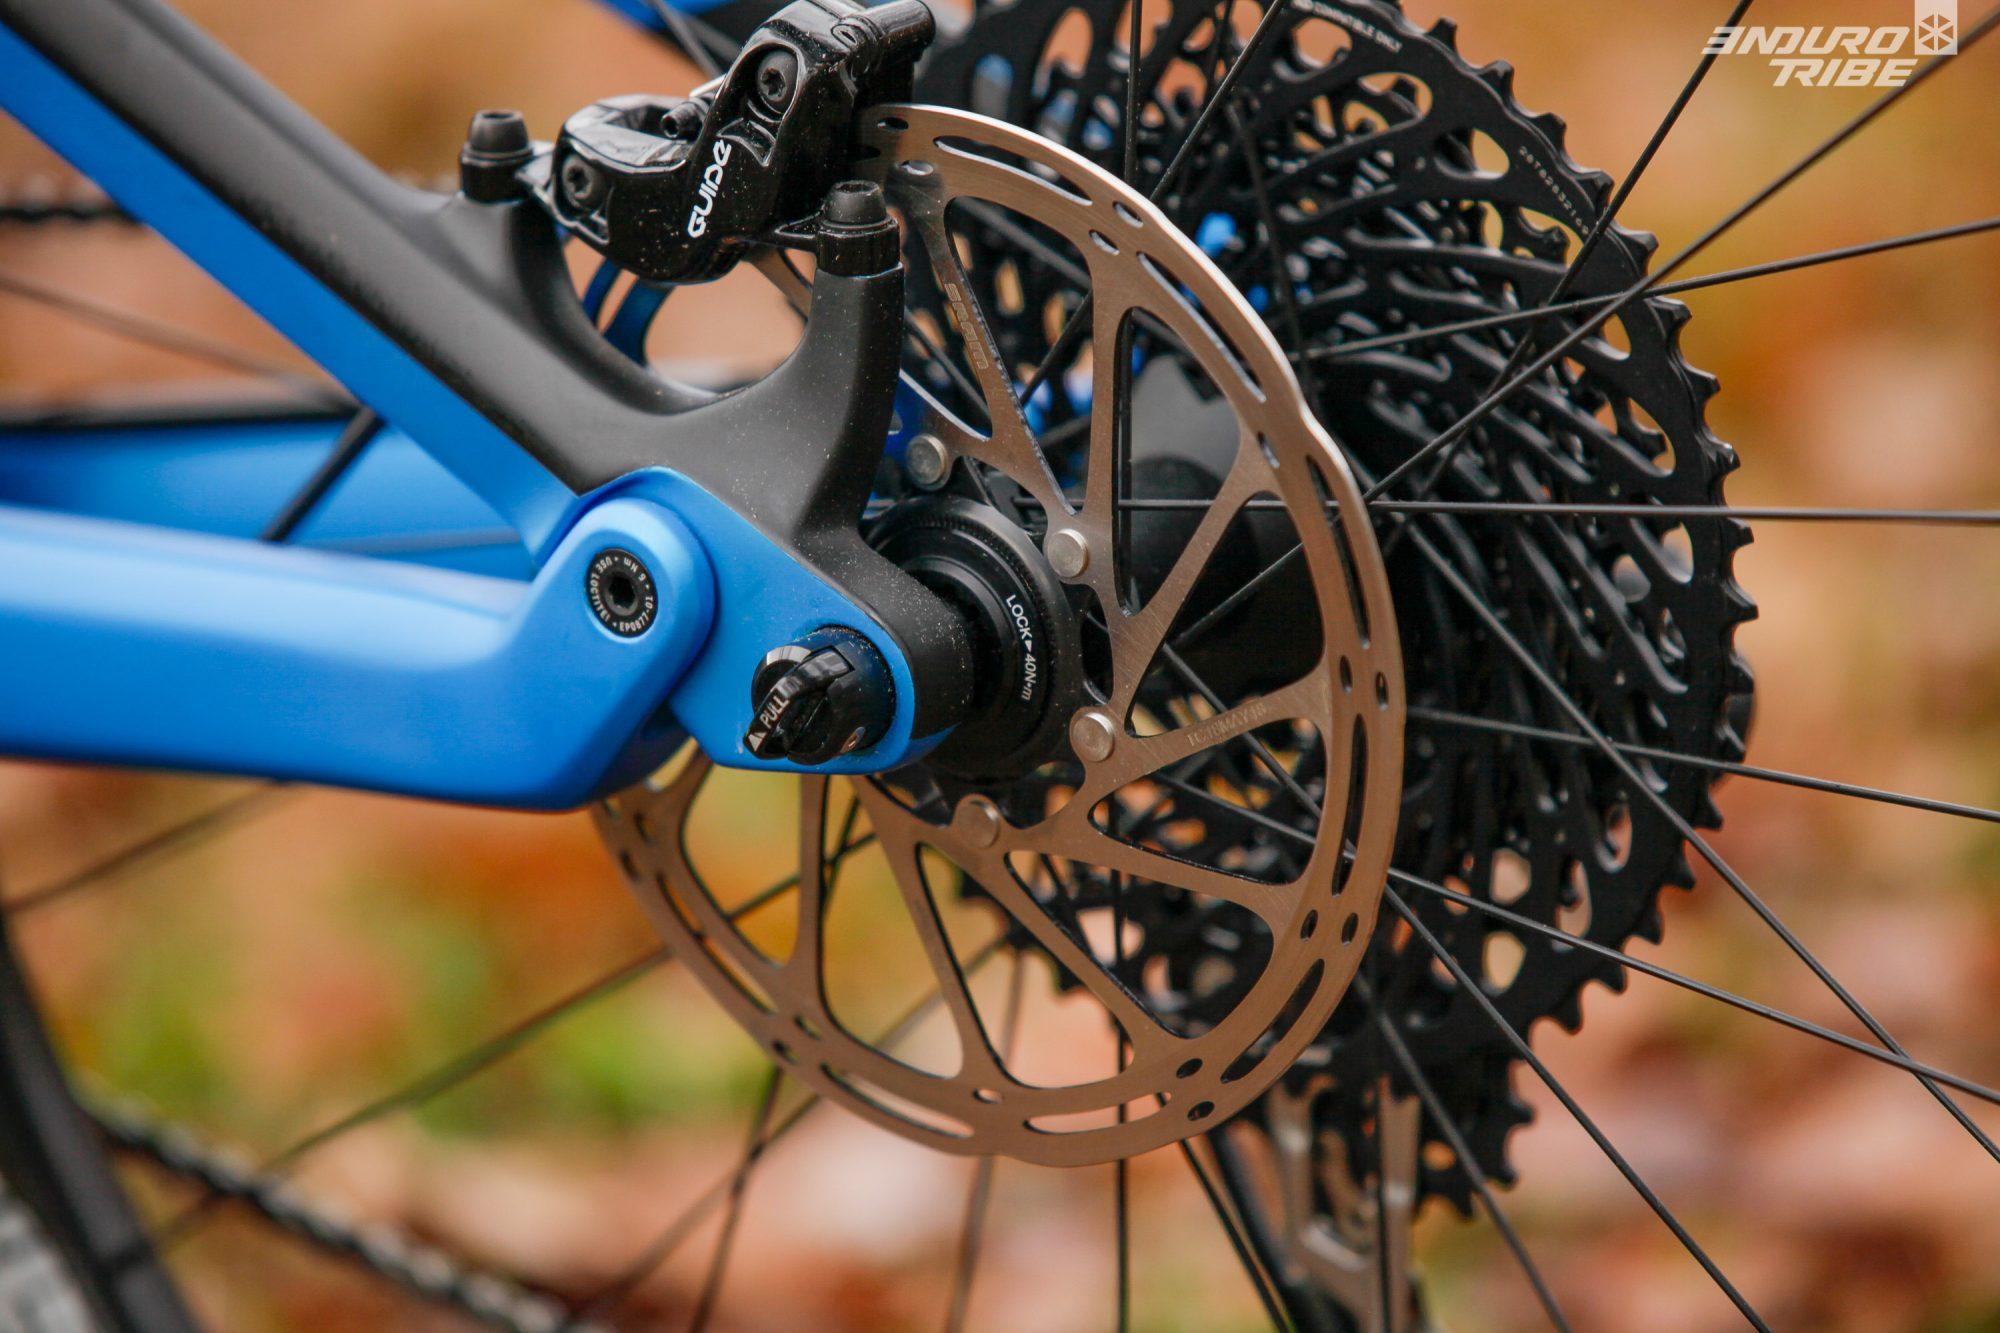 L'axe de roue avec levier intégré, le Quixle, est aussi conservé. Facile, rapide, utile !